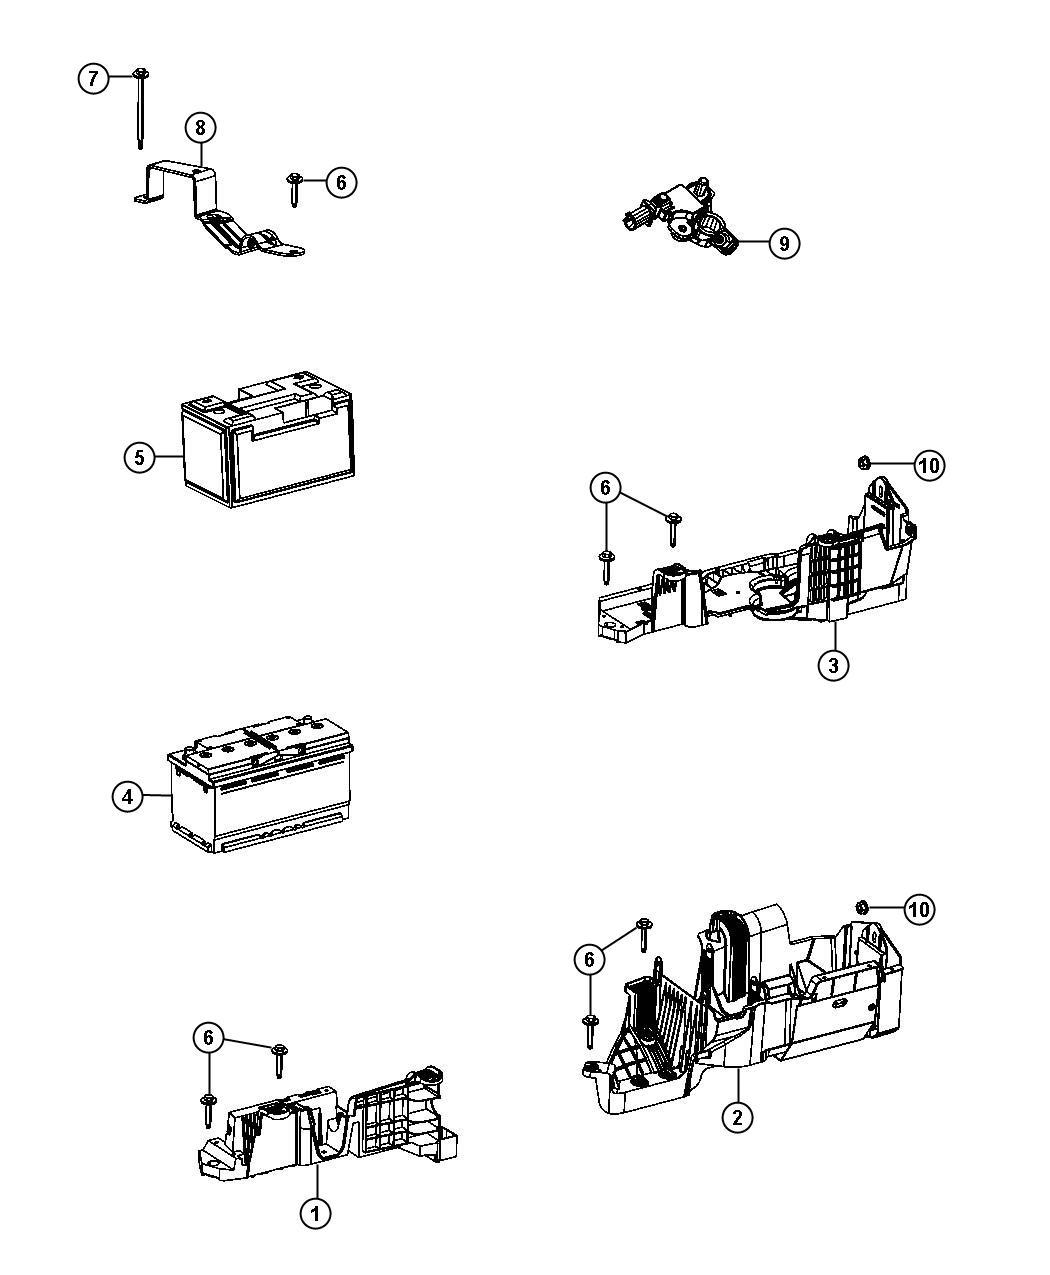 tags: #1976 jeep cj7 floor pan#1985 jeep cj7 dashboard#cj7 jeep black  rims#orange jeep cj7 1976#1976 jeep cj7 original style#jeep cj7 seats#jeep  cj7 engine